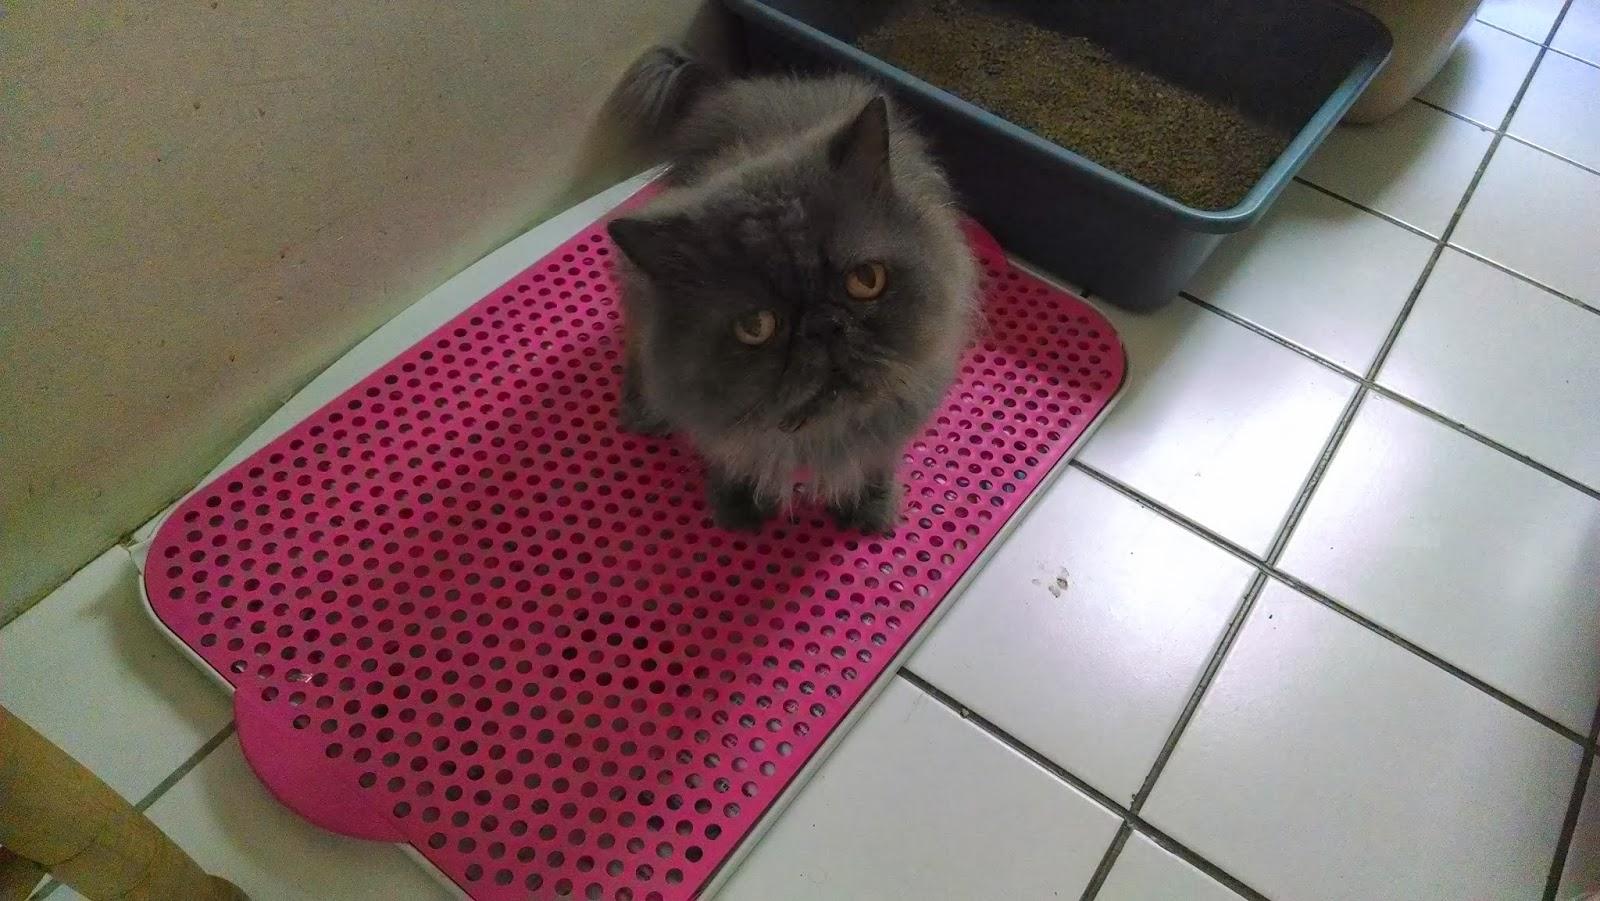 Gata Lili: Uma solução econômica para gato fazer xixi #78283C 1600 901